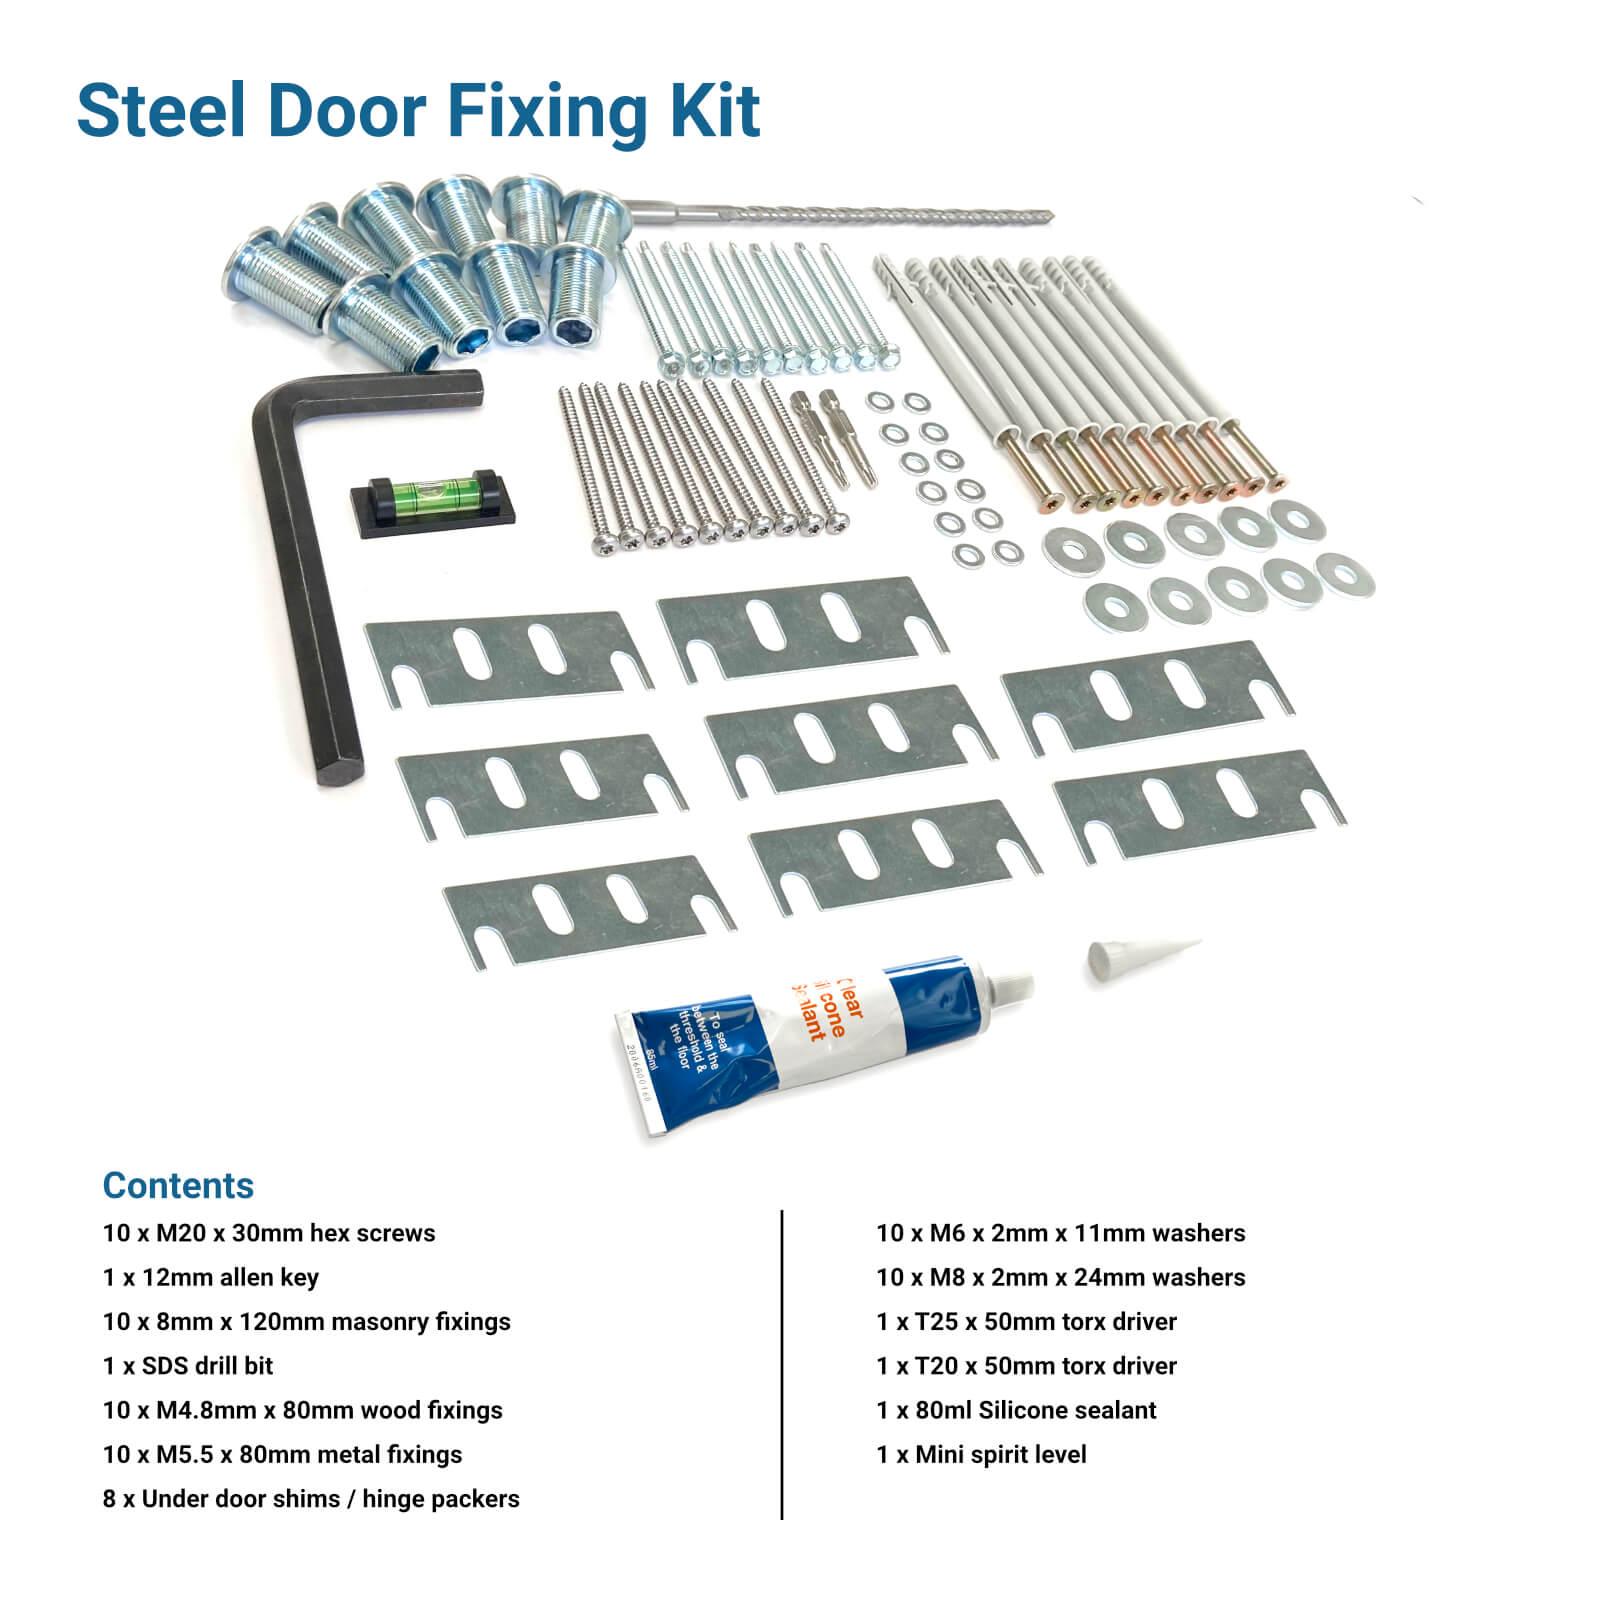 Steel Door Fixing Kit More Info